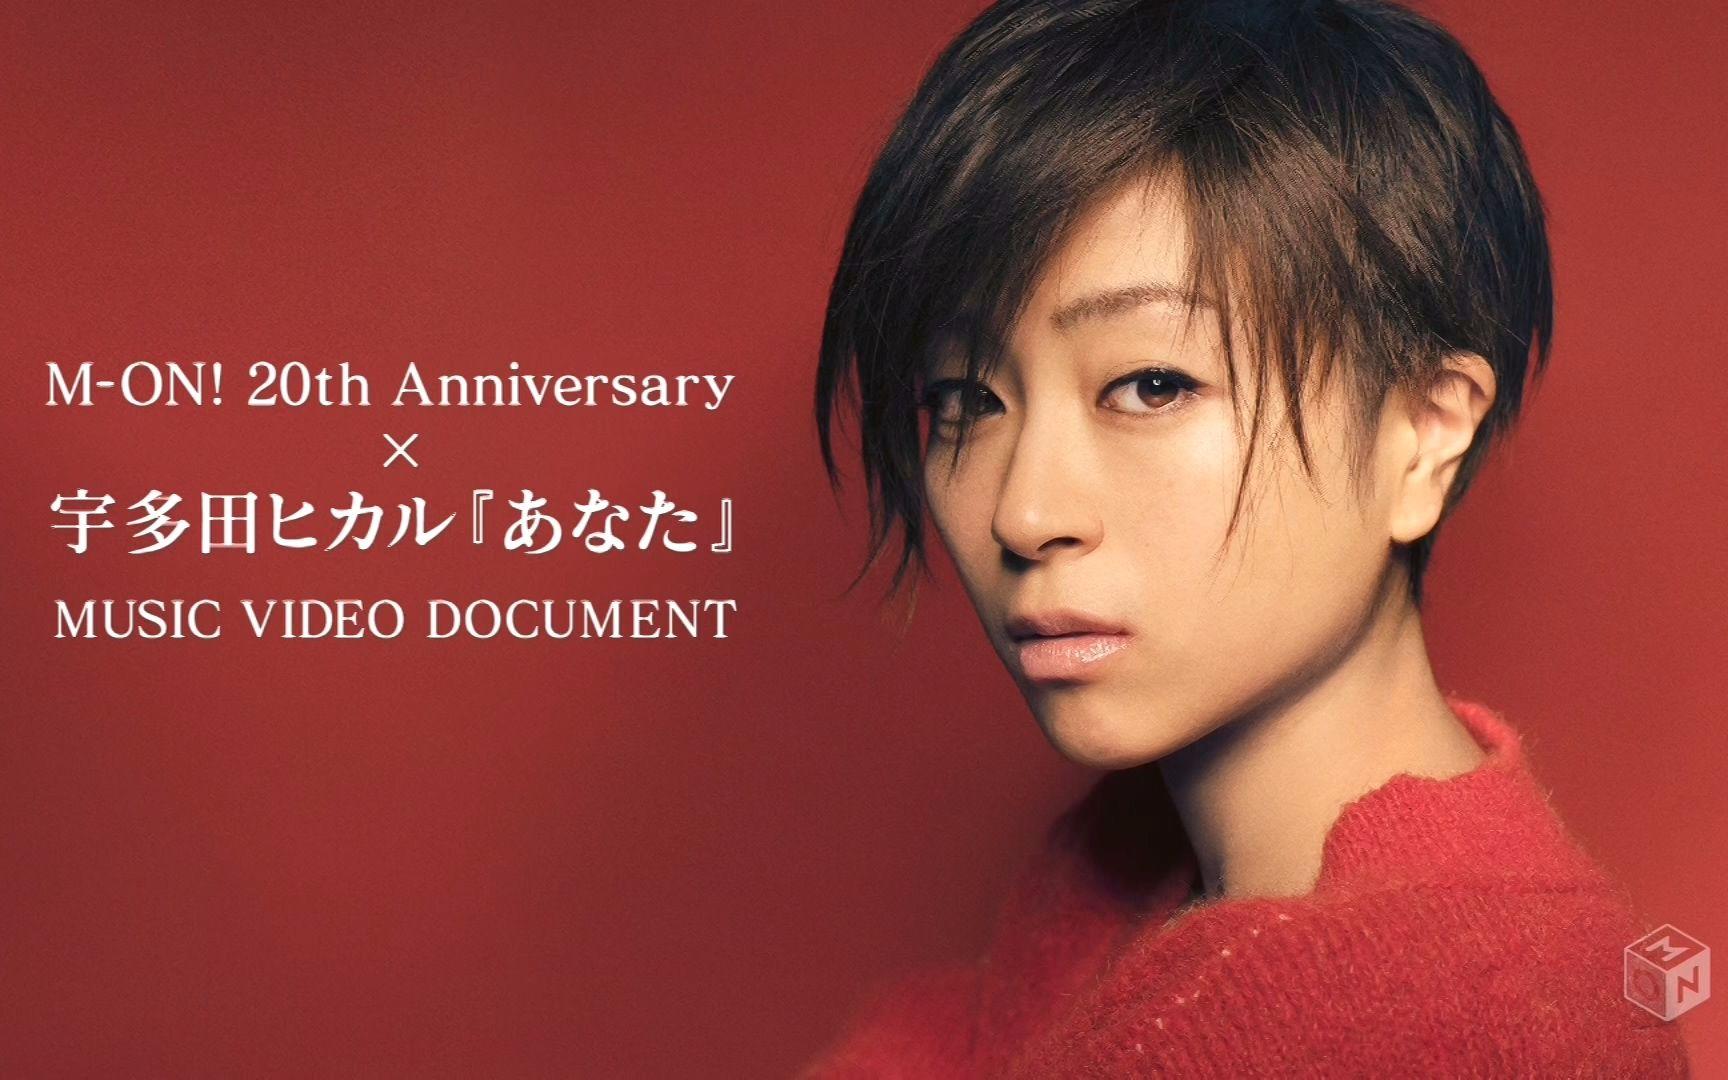 【宇多田光】「你 Anata」Muisc Video Documentary_嗶哩嗶哩 (゜-゜)つロ 干杯~-bilibili